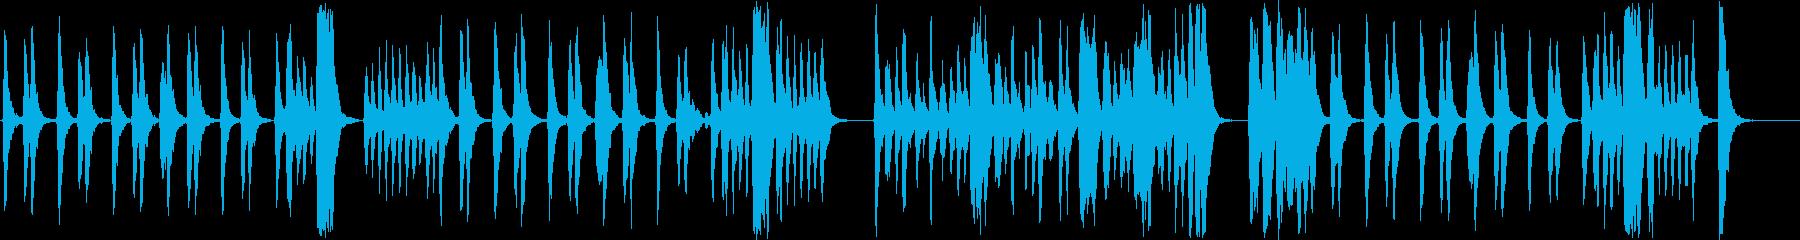 厳か 怪しい 不安 推理 ストリングスの再生済みの波形